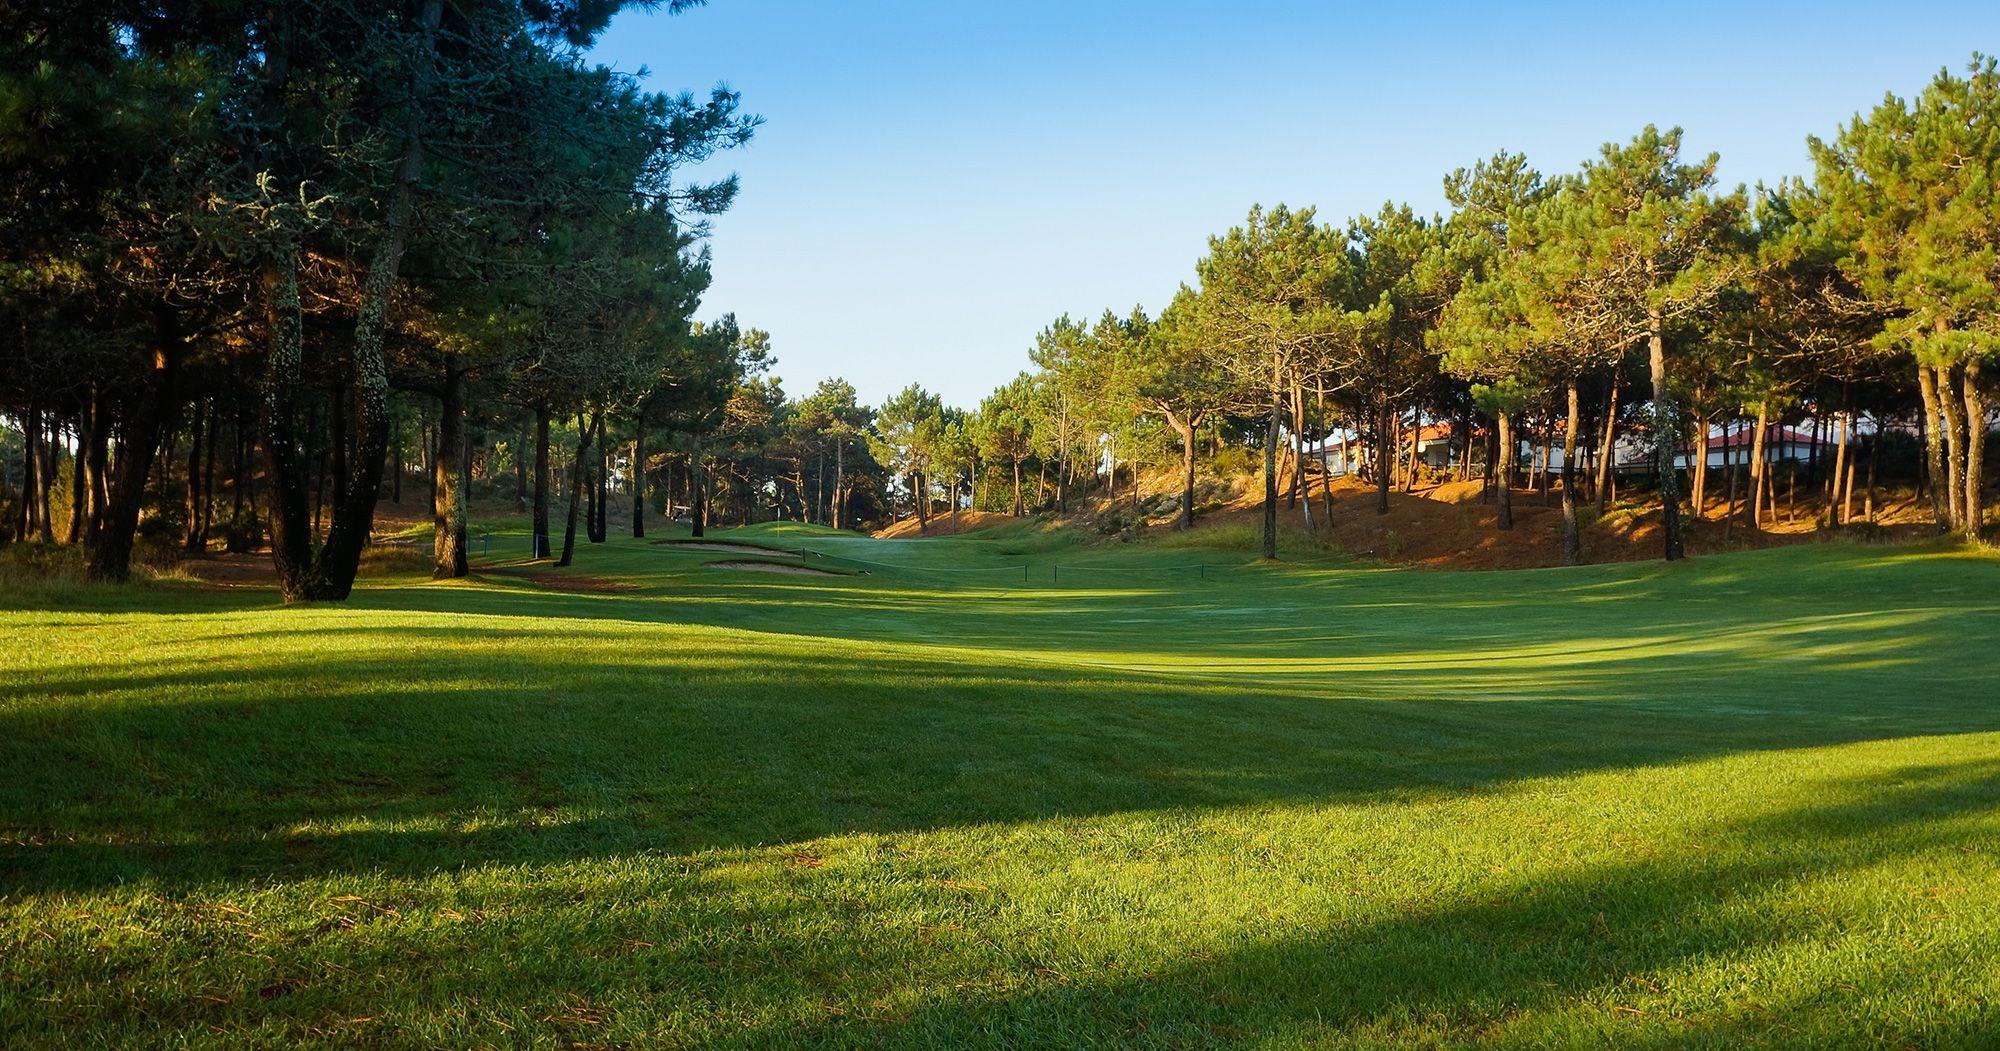 Pin On Praia D El Rey Golf Course